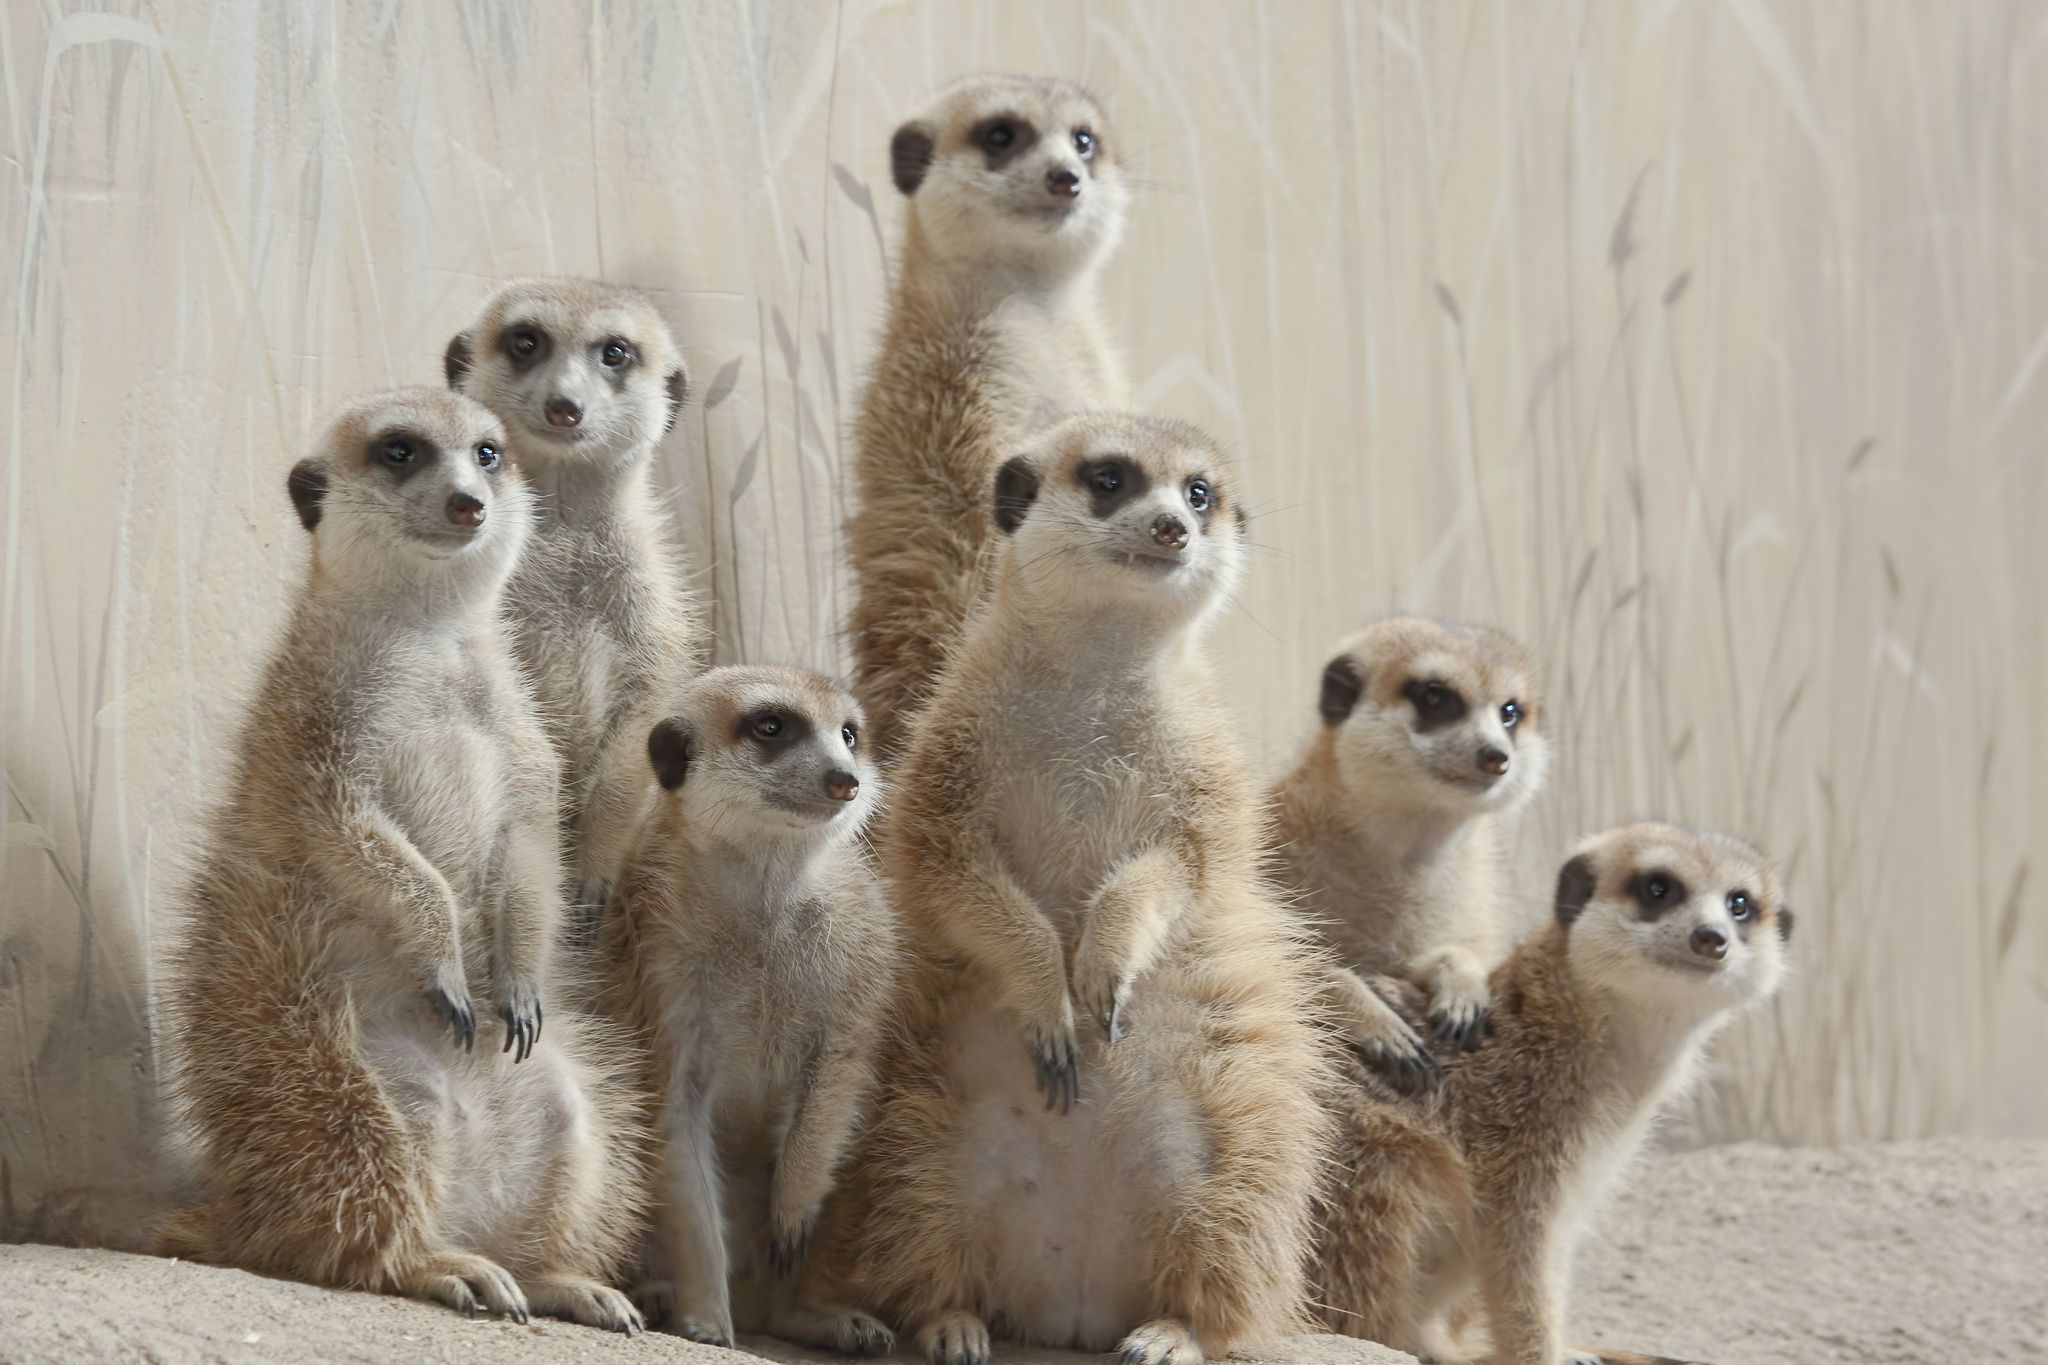 Pictures Of Meerkat